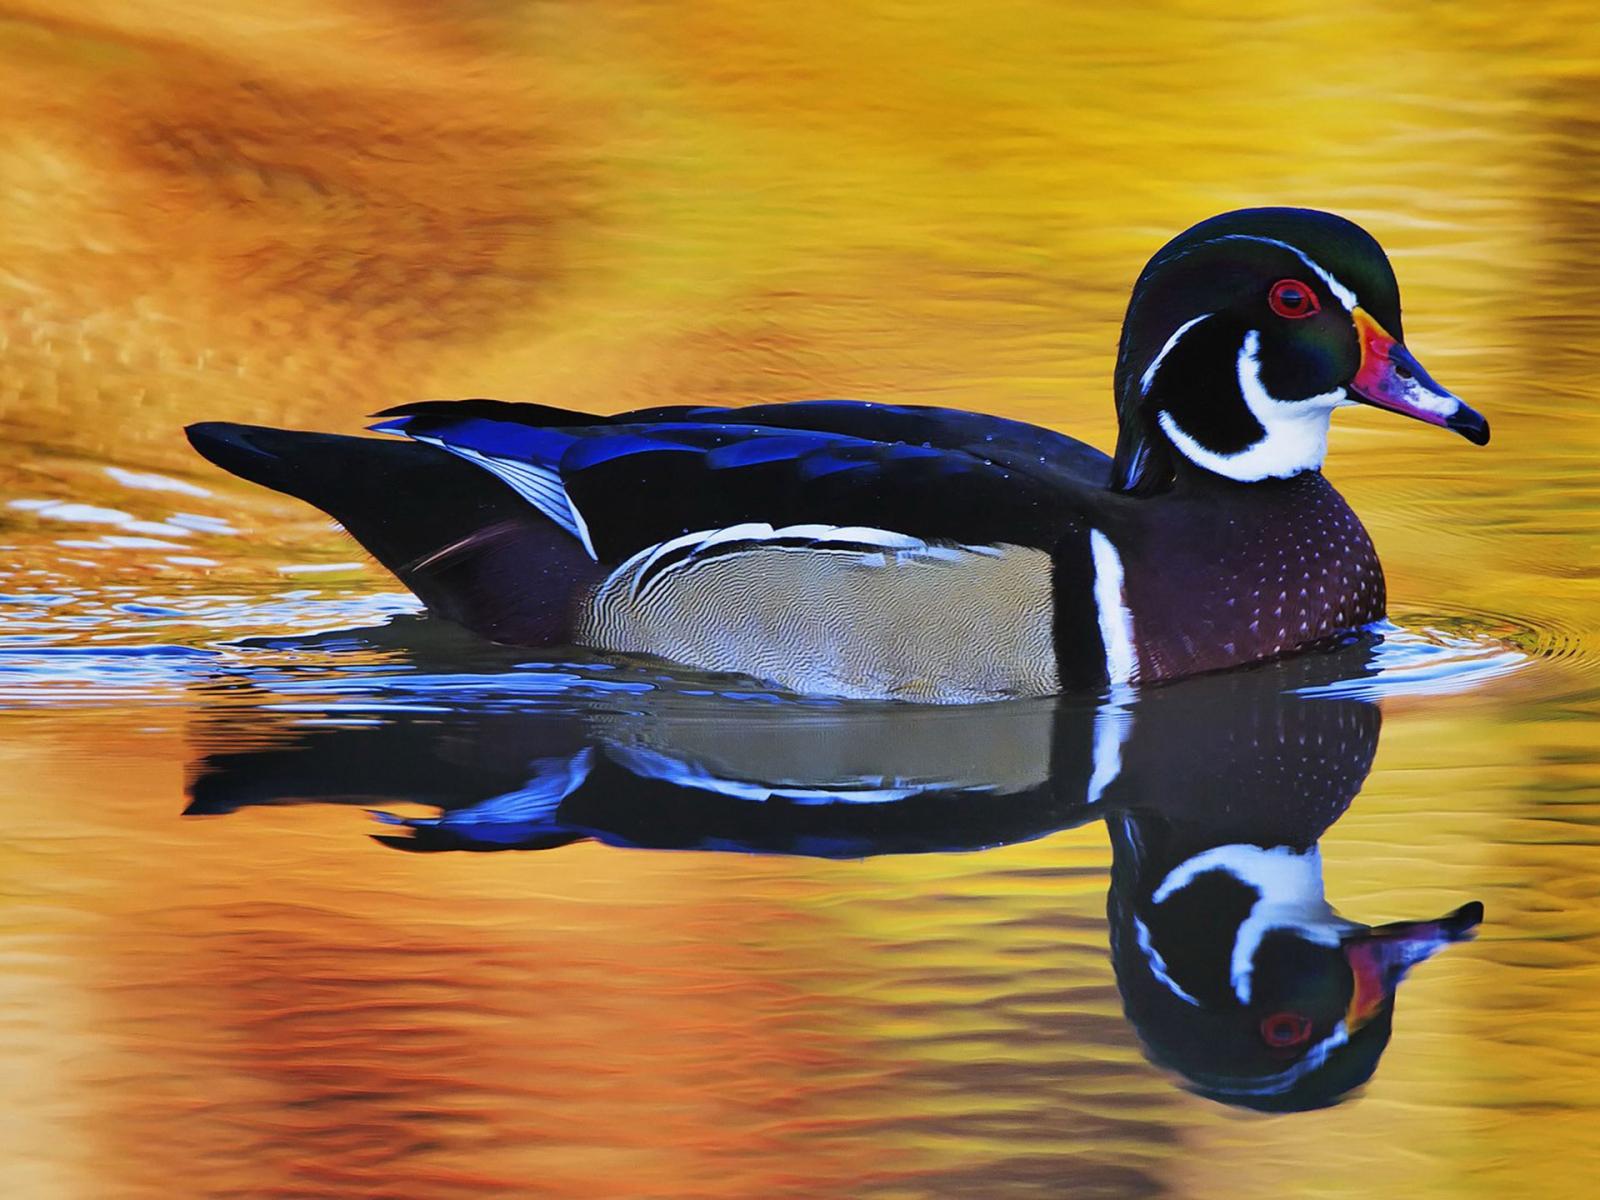 http://1.bp.blogspot.com/-cq6GGStMHok/USdjbU4xssI/AAAAAAAAAOE/hZczyhj4l_8/s1600/1+-+Duck+In+Water+Mirror.jpg